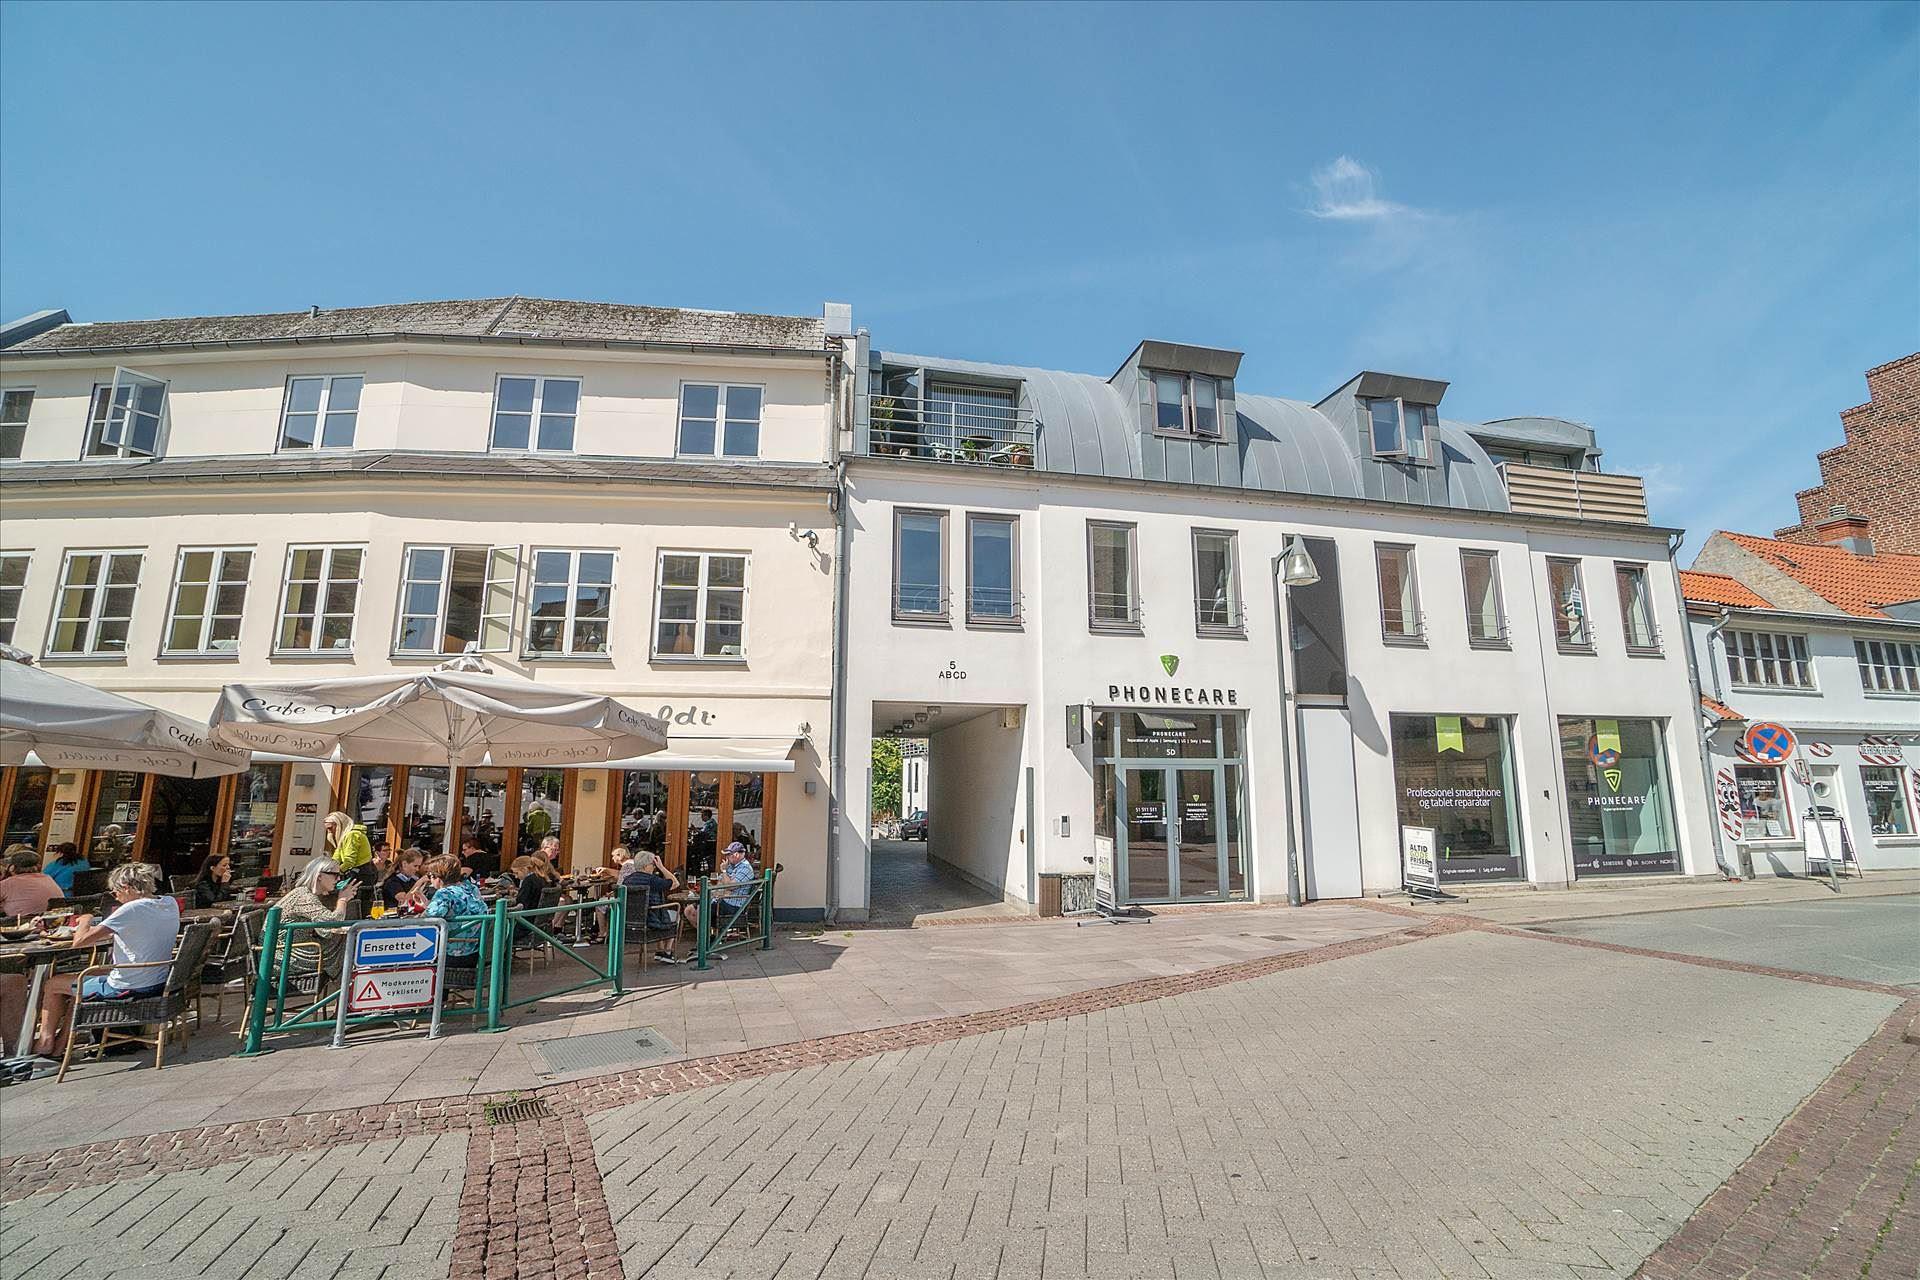 Sct Mortens Gade 5C, 1. 2., 4700 Næstved